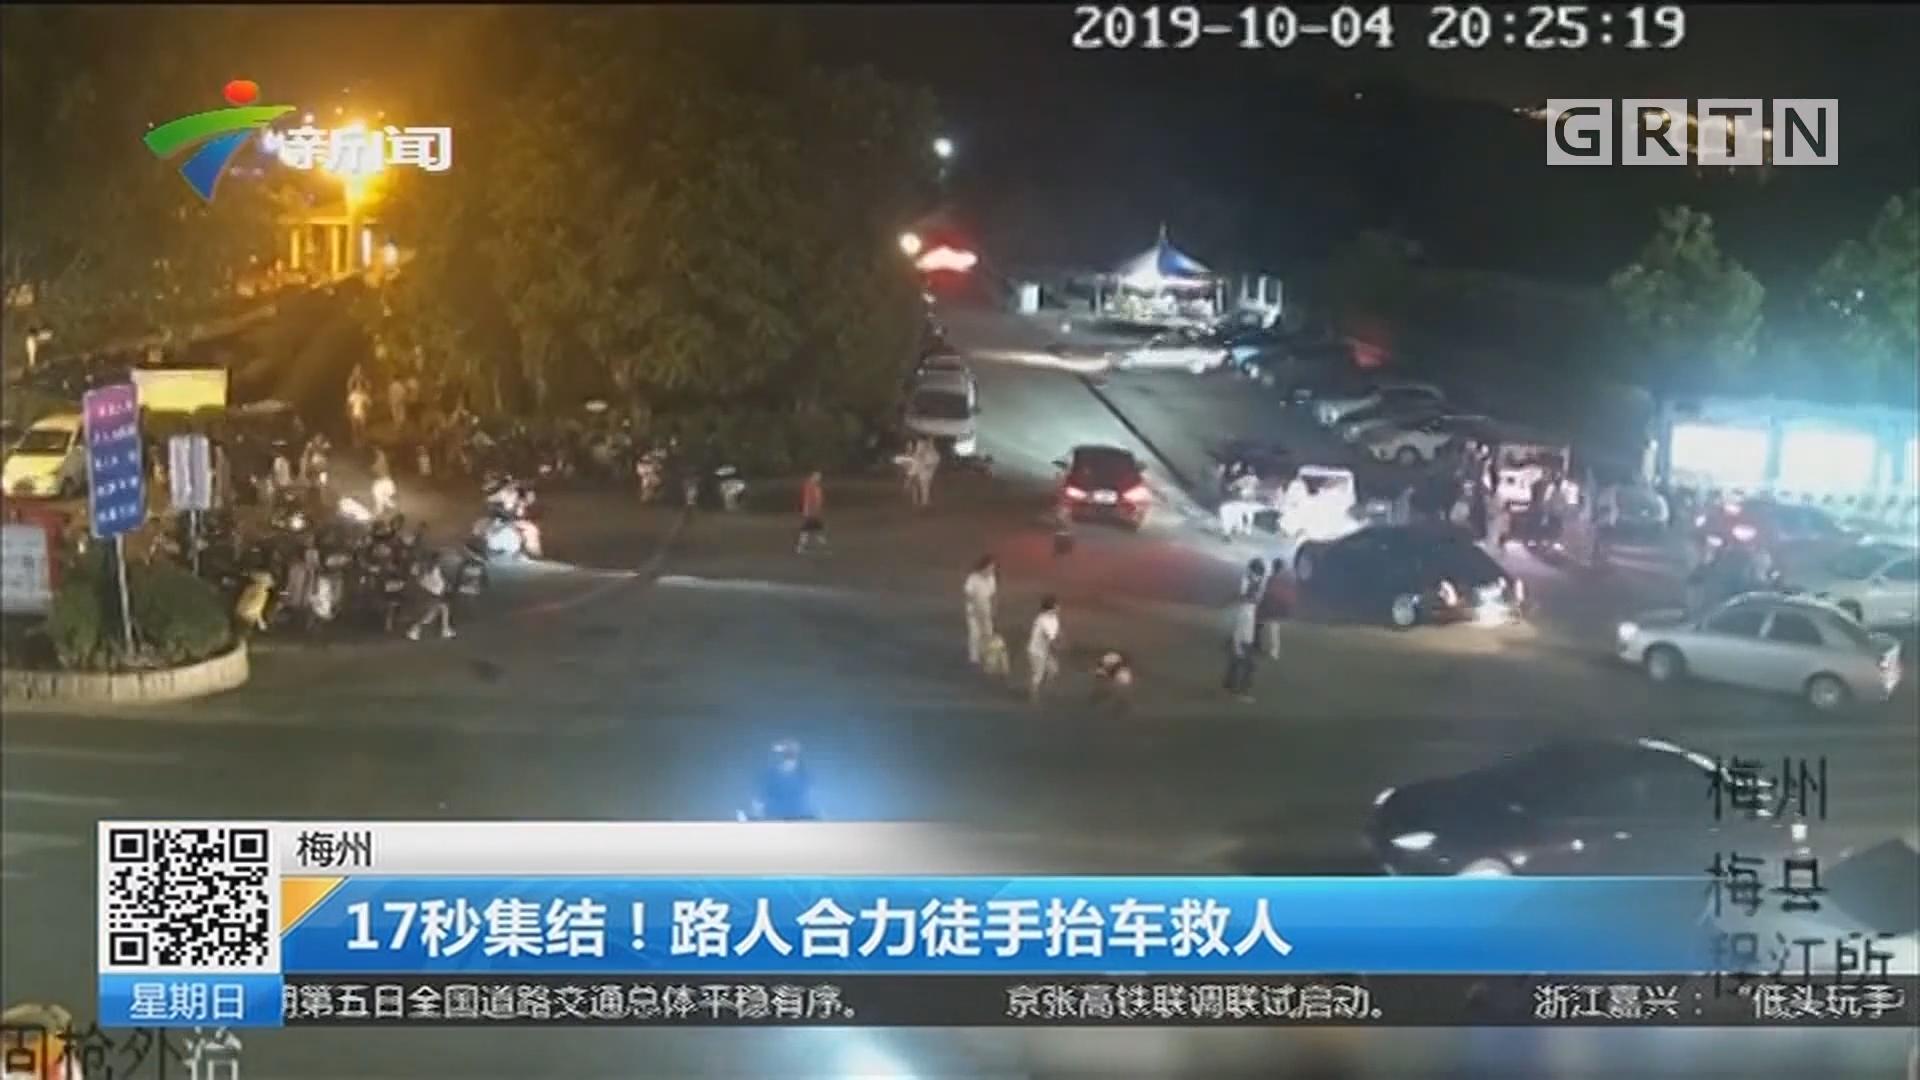 梅州:17秒集结!路人合力徒手抬车救人